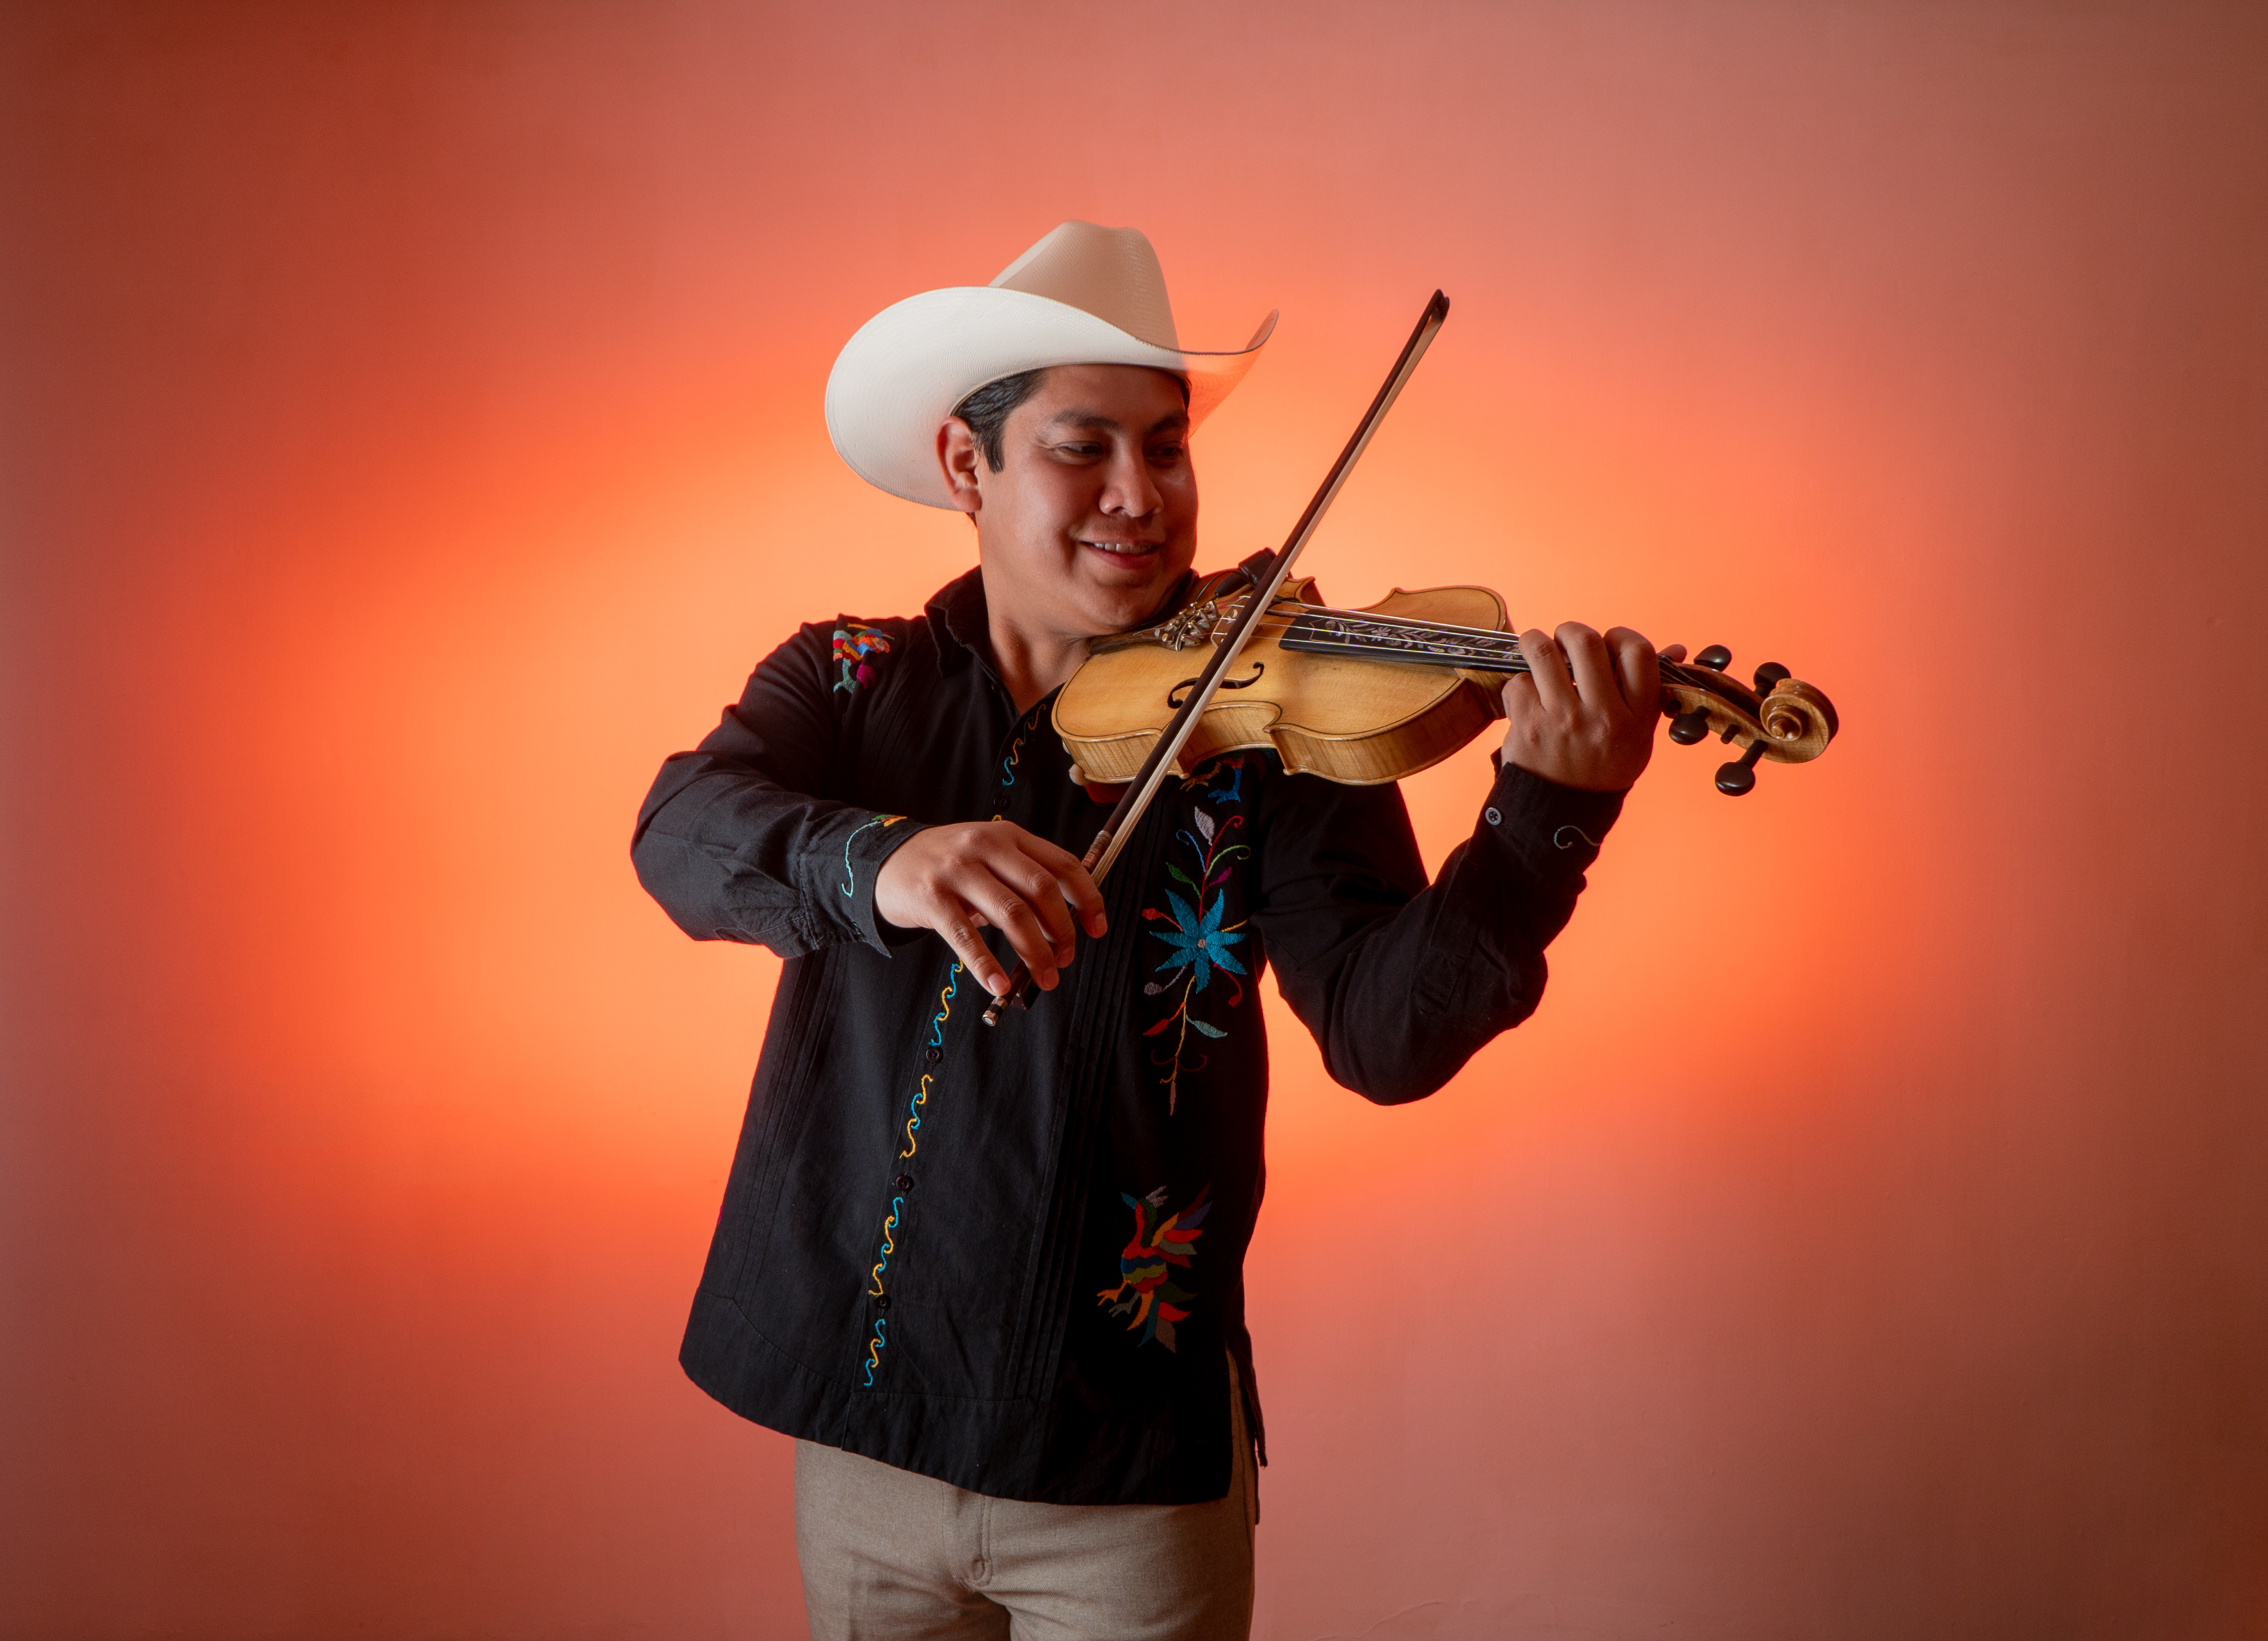 Taller de jarana, violín y guitarra quinta